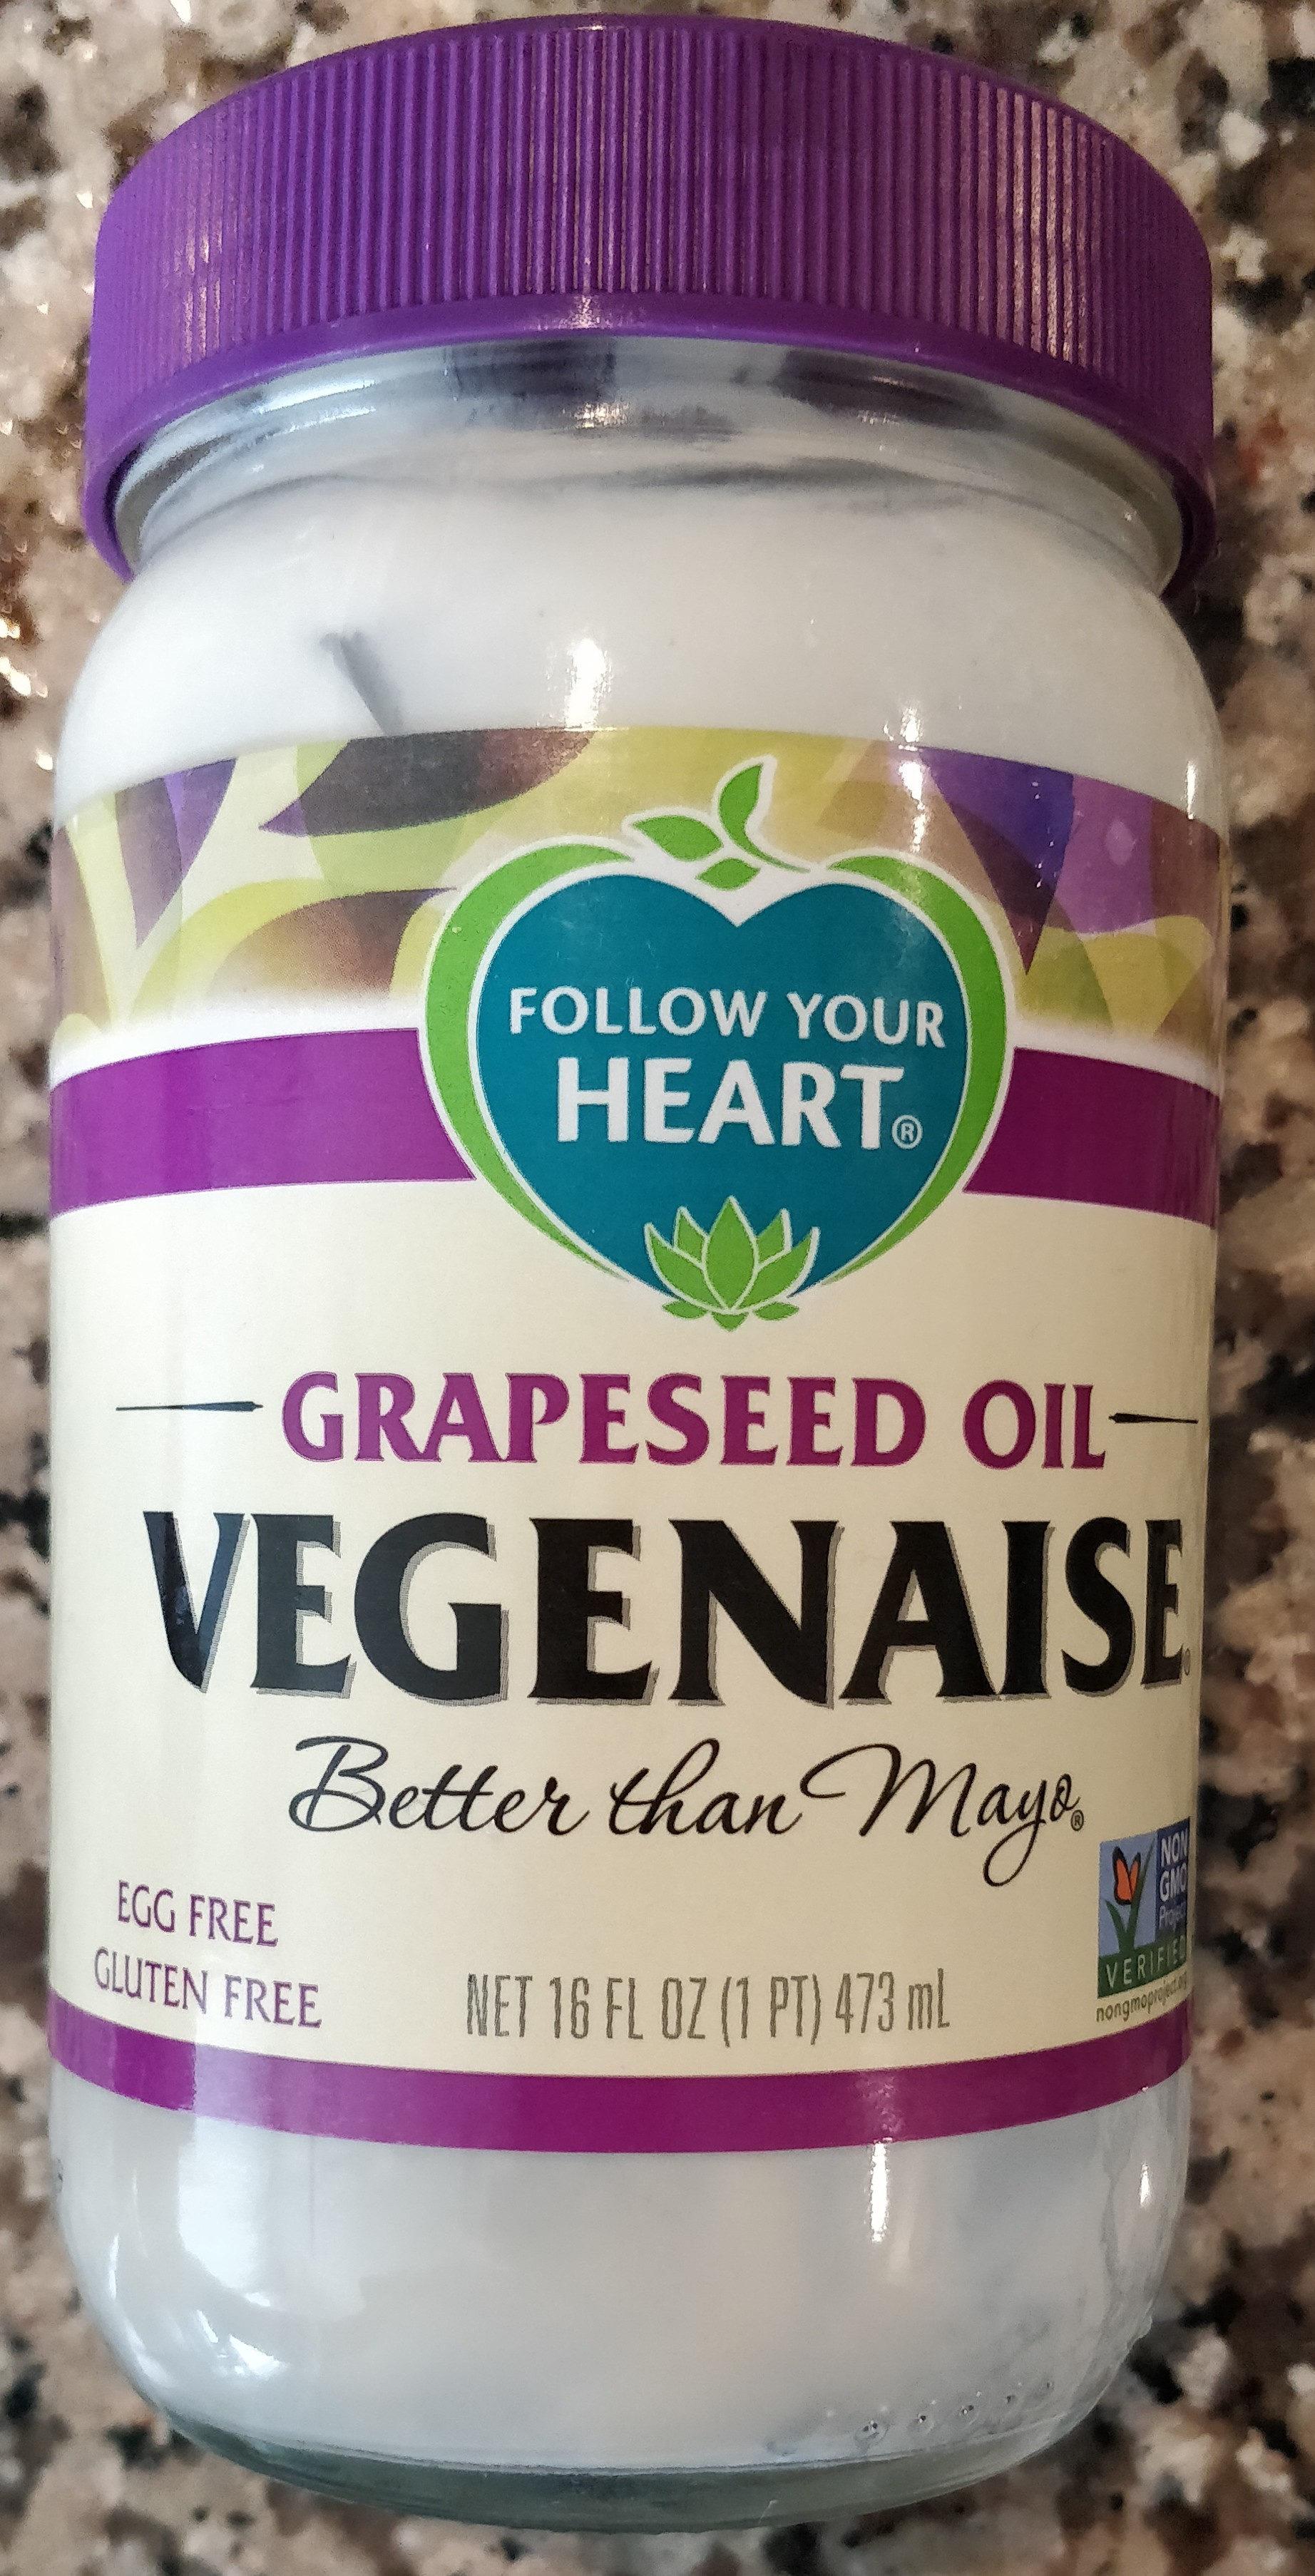 Grapeseed oil vegenaise - Product - en